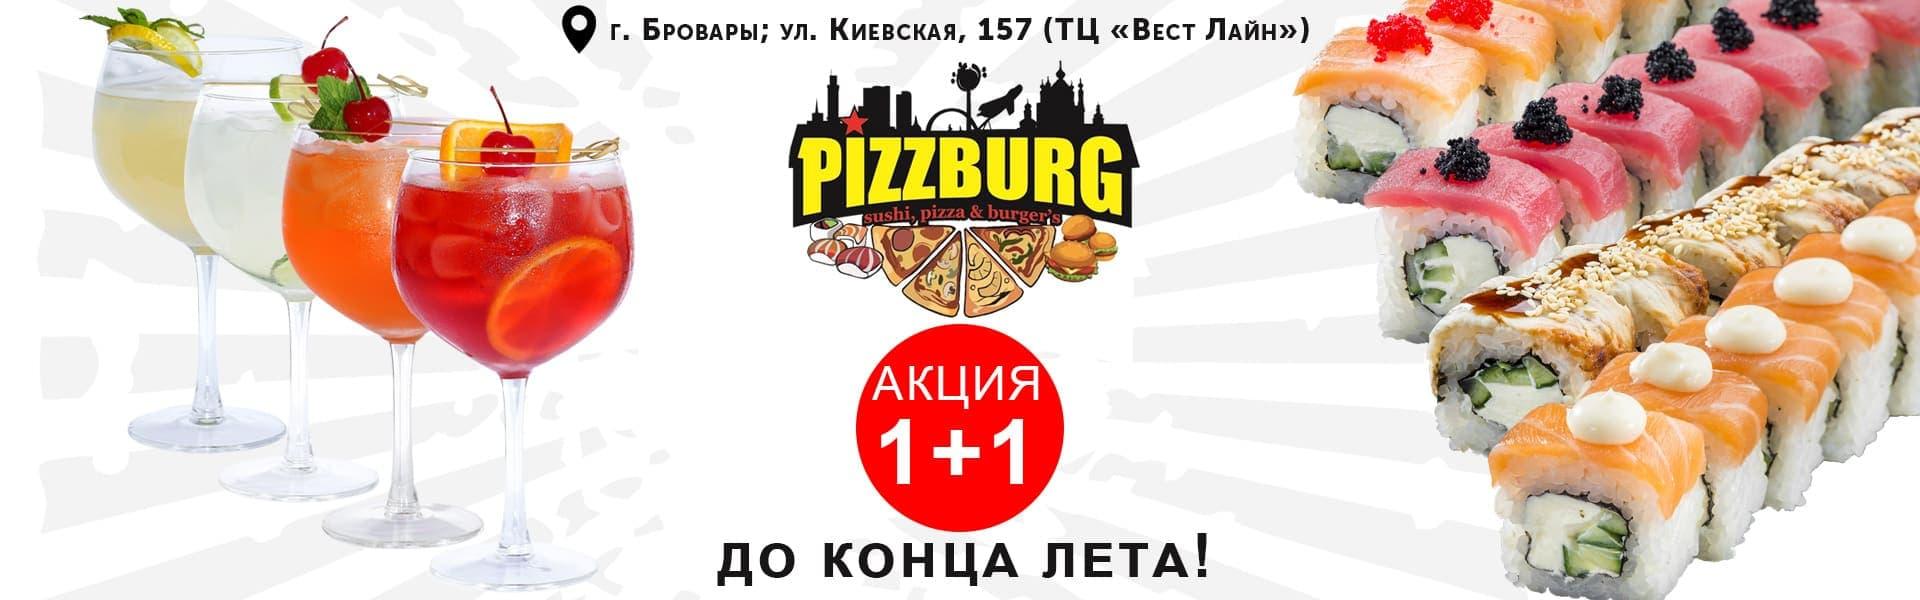 Фото - Акция 1+1 в ТЦ Вестлайн    - Пиццбург